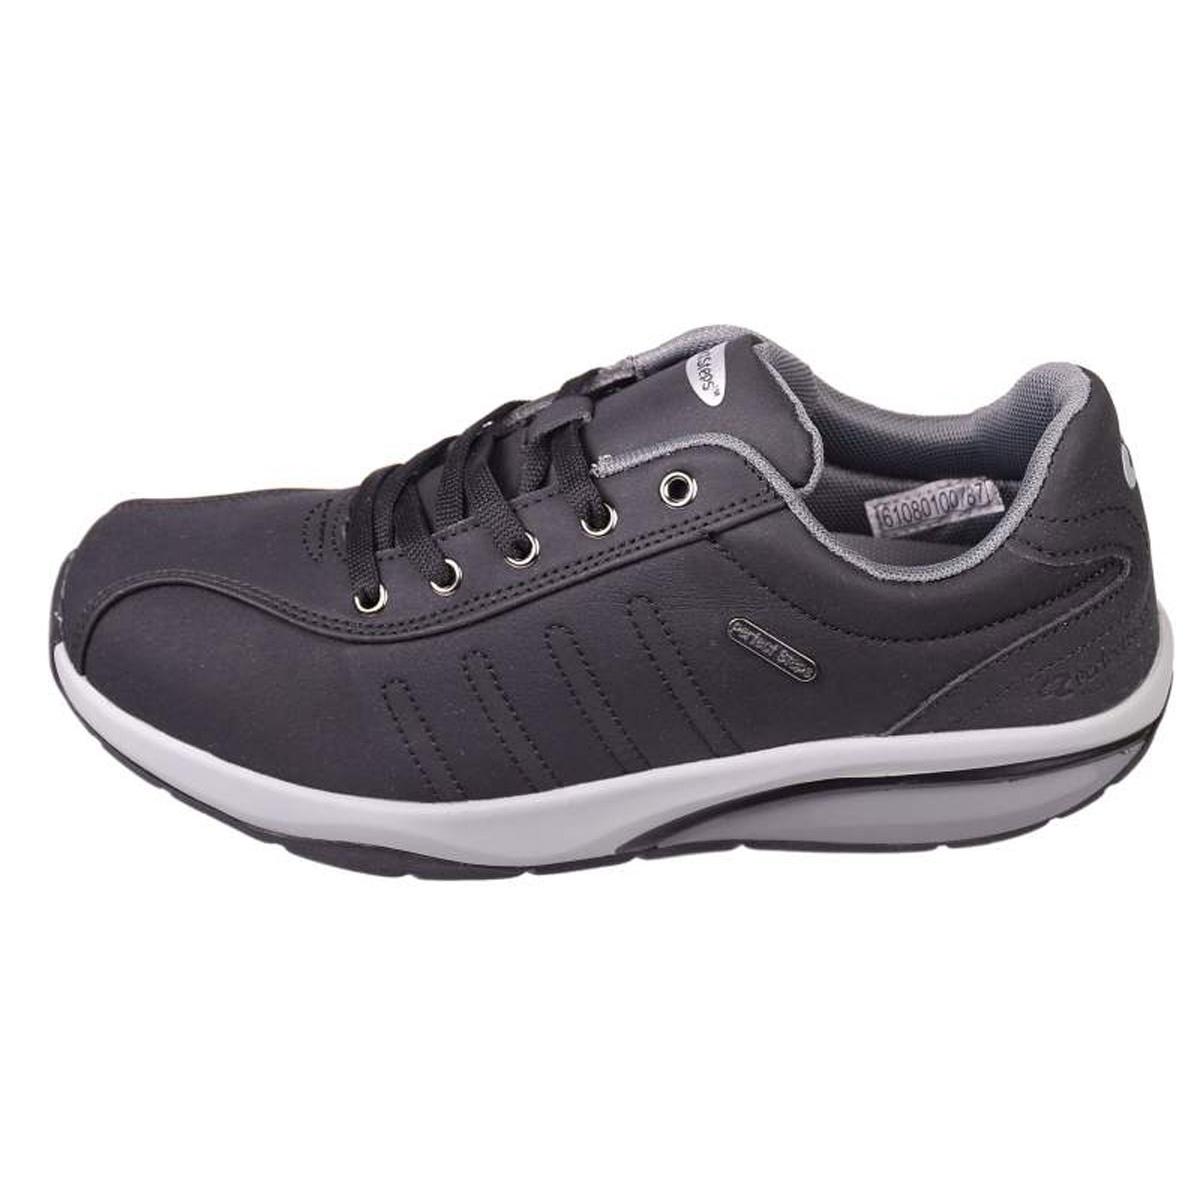 کفش مخصوص پیاده روی زنانه پرفکت استپس مدل پریمو رنگ مشکی